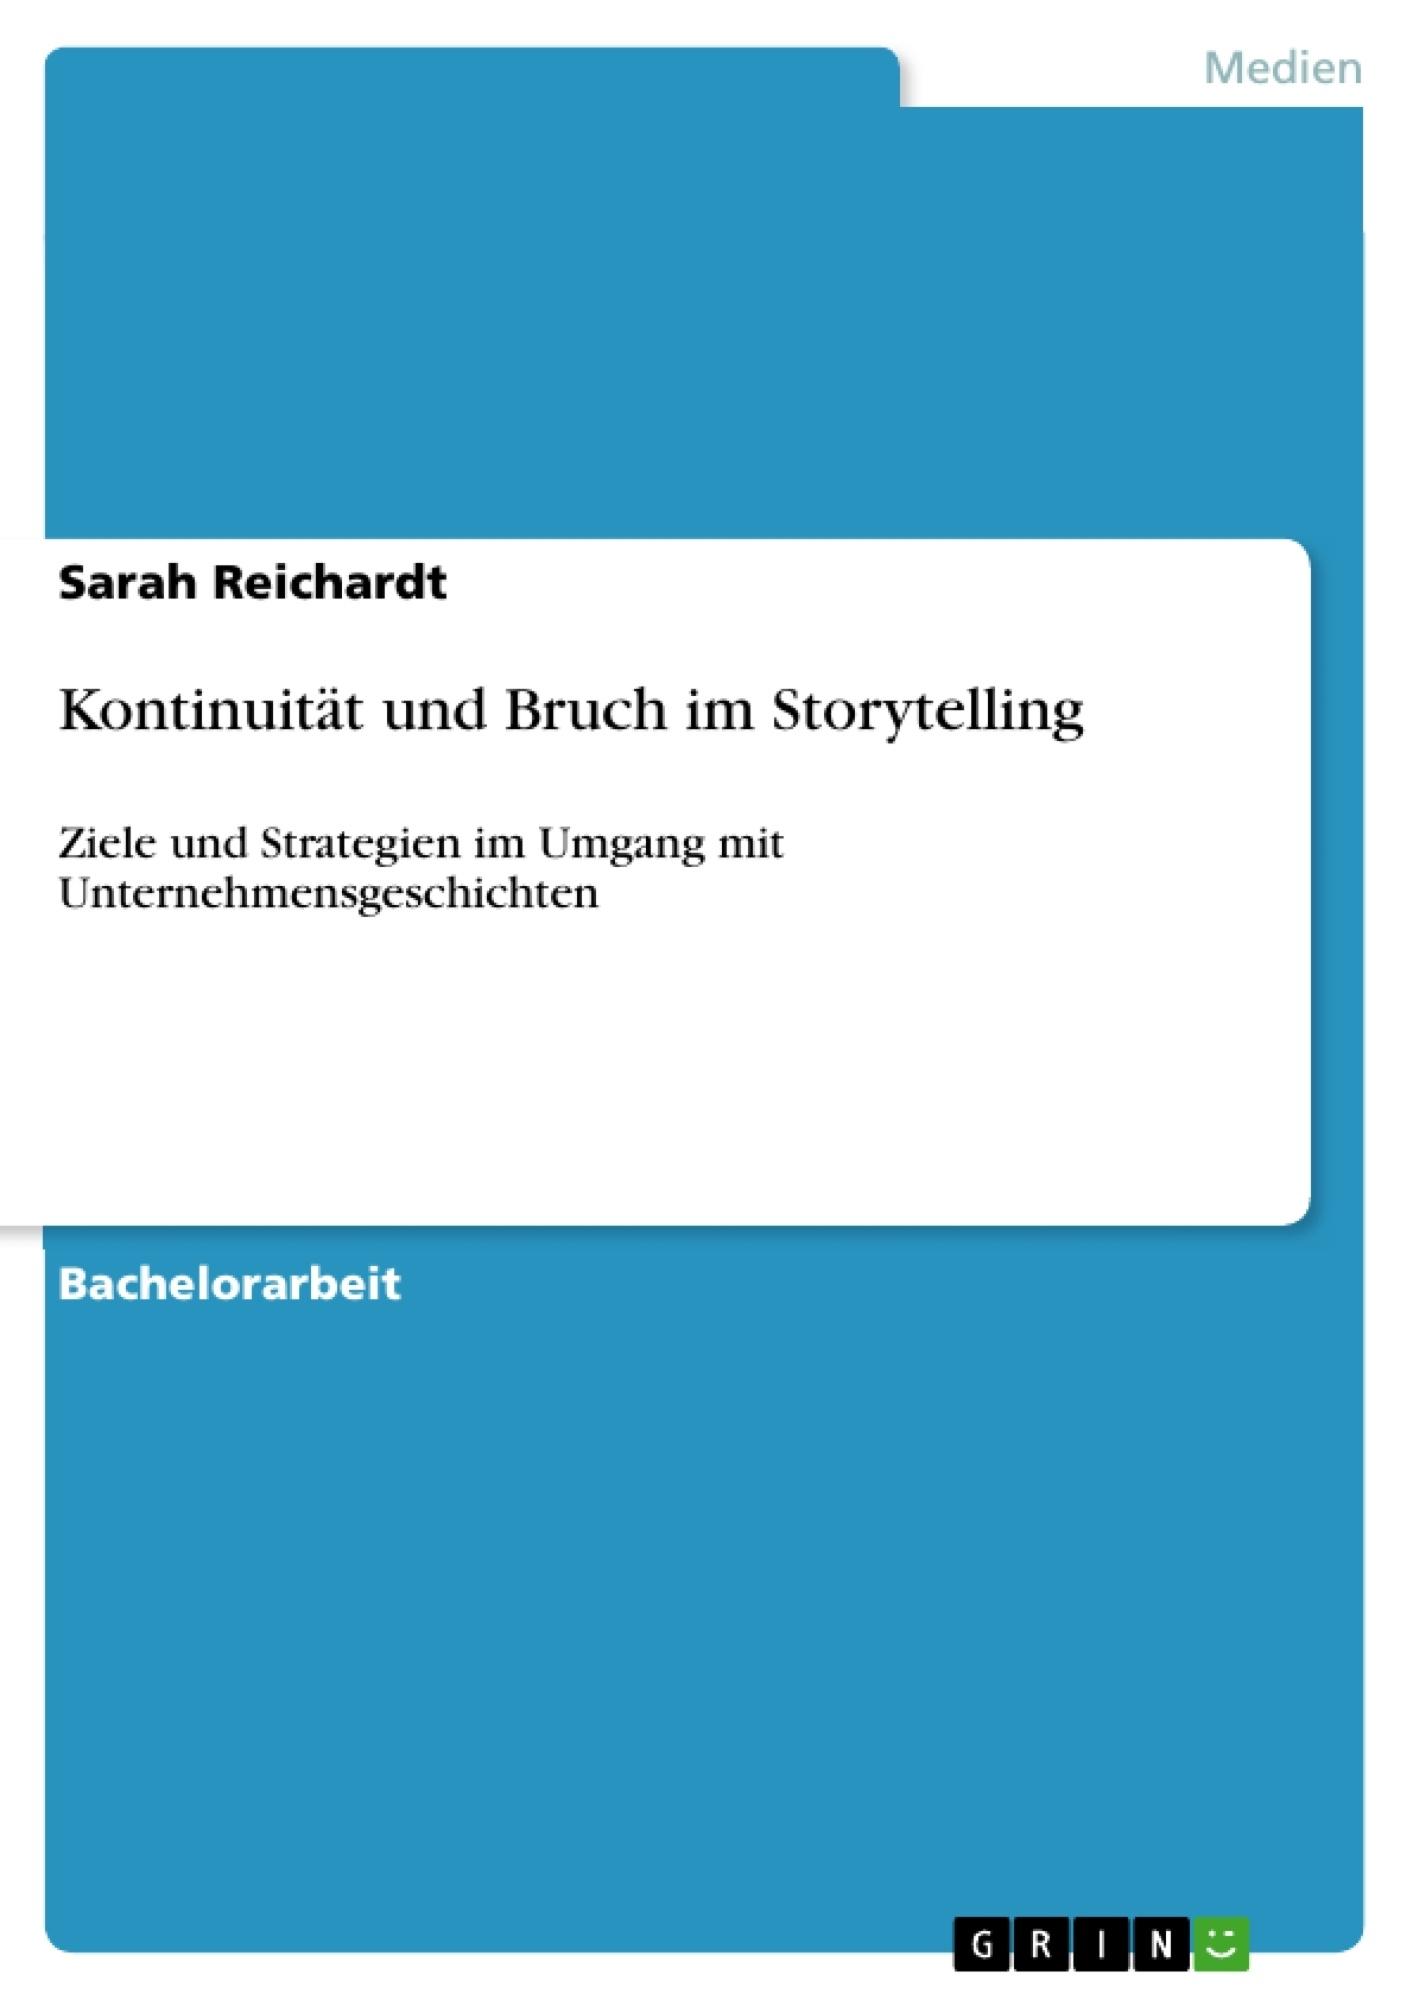 Titel: Kontinuität und Bruch im Storytelling